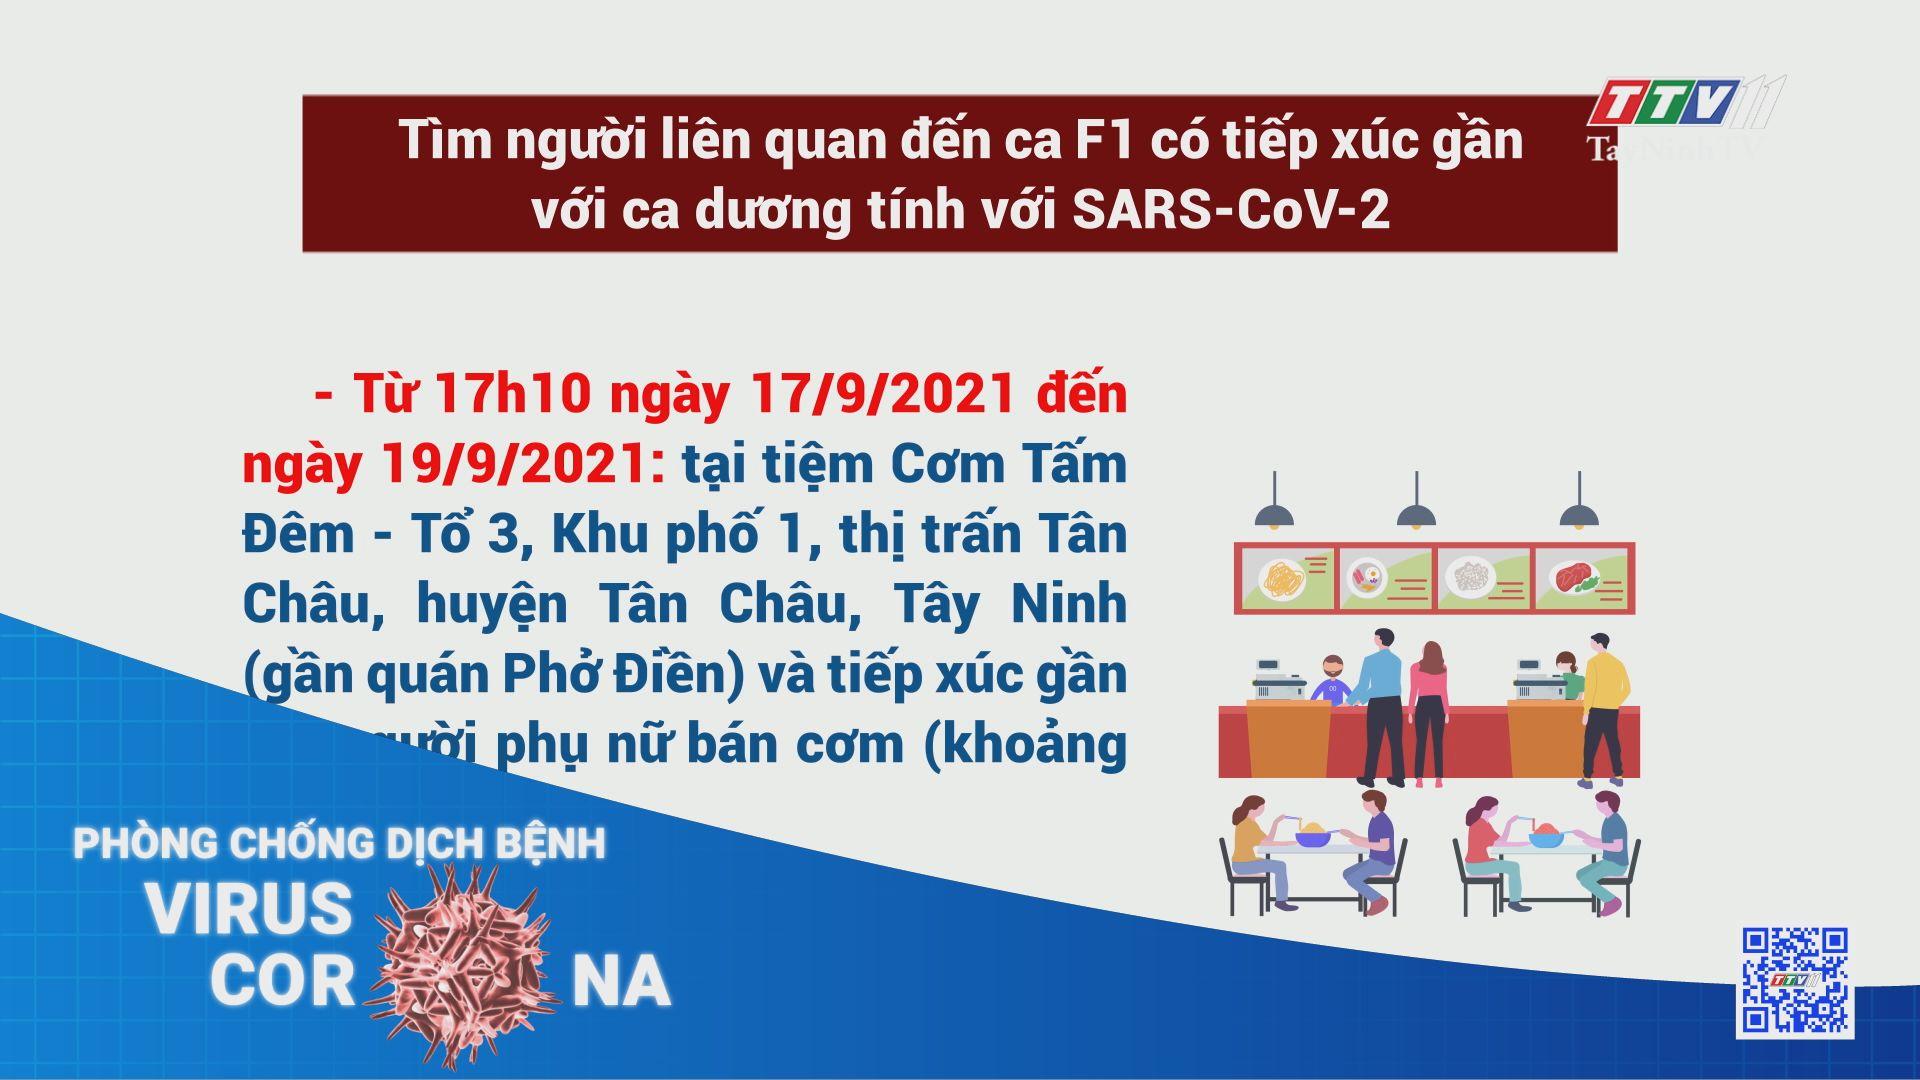 Tìm người liên quan đến ca F1 có tiếp xúc gần với ca dương tính với SARS-CoV-2 | TayNinhTV